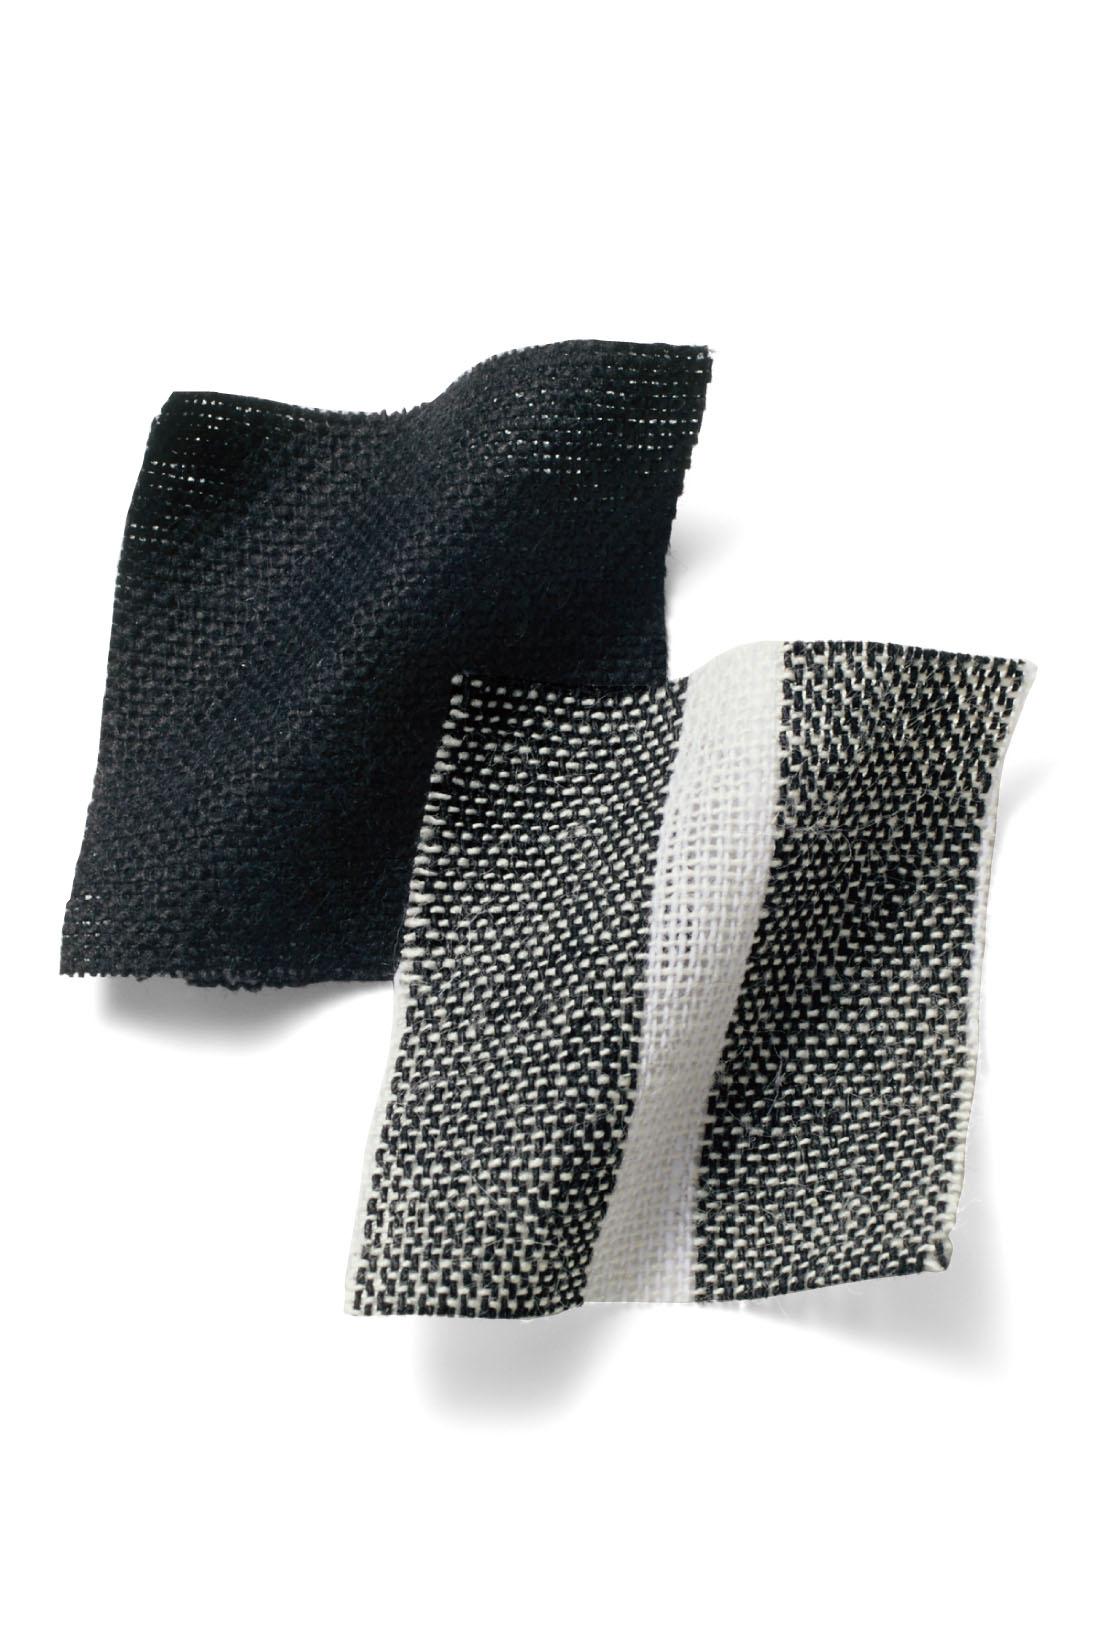 洗濯を繰り返すほどにくったりなじむ綿100%素材。